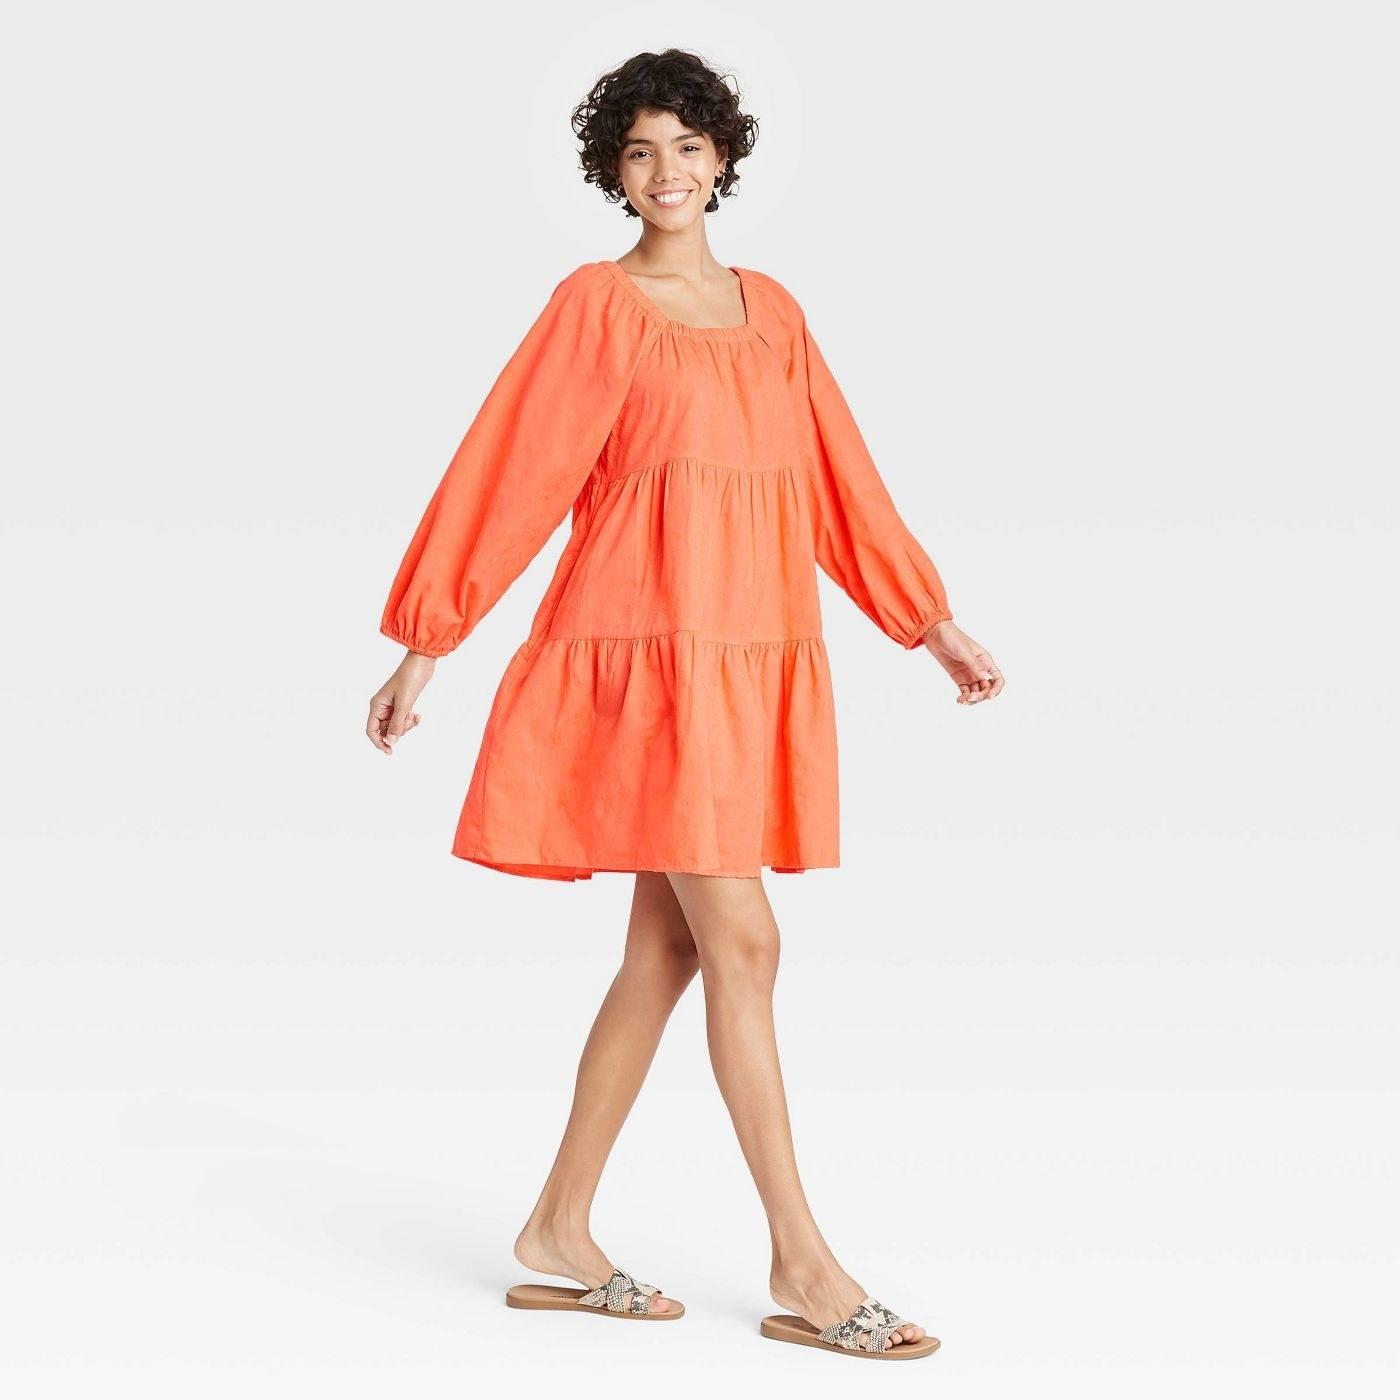 Model wearing  long sleeve orange dress